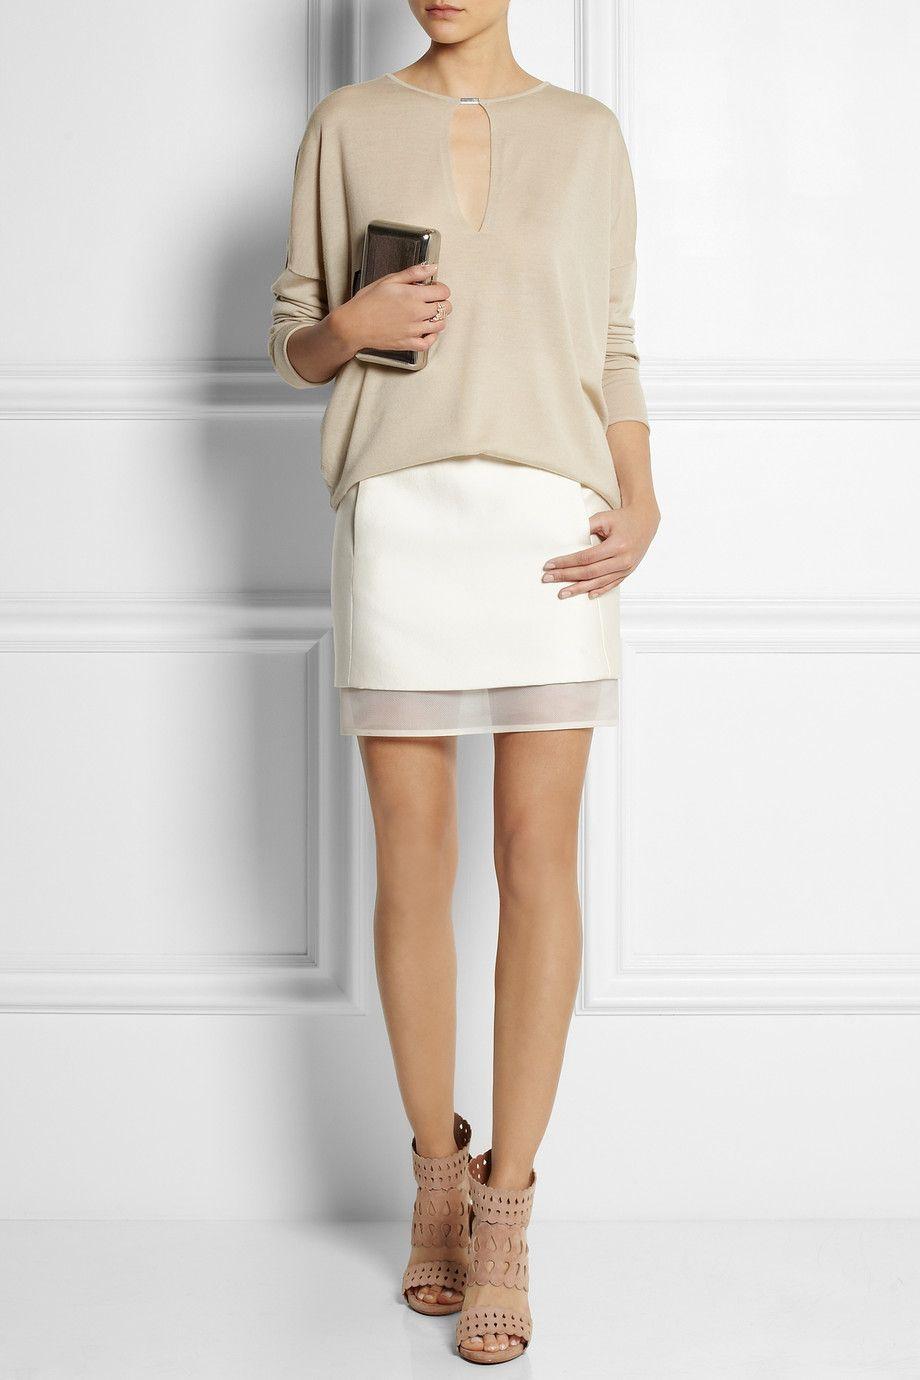 Beautiful J Mendel silk-blend twill mini skirt—KAUFMANFRANCO top—IAM by Ileana Makri ring—Alaïa heels—Kotur clutch❣ net-a-porter.com